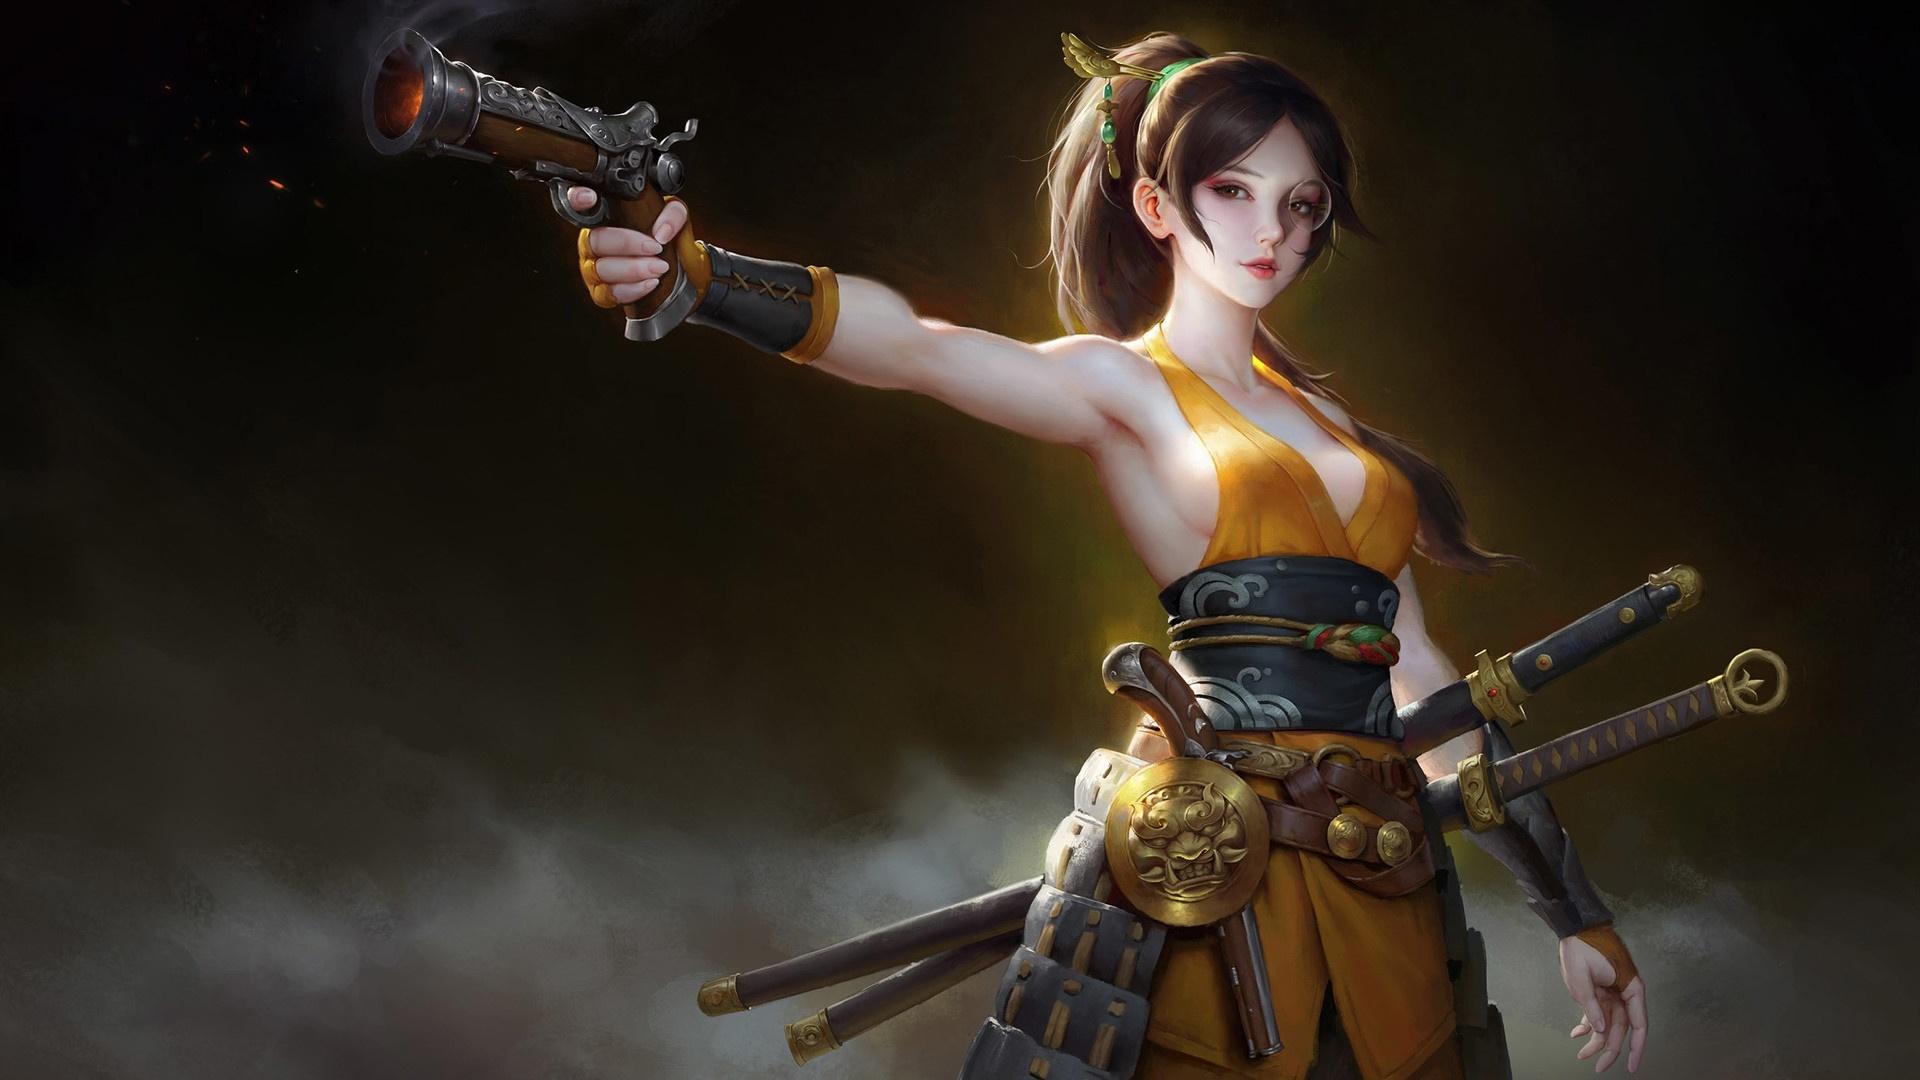 Steampunk gunfighter samurai woman wallpaper